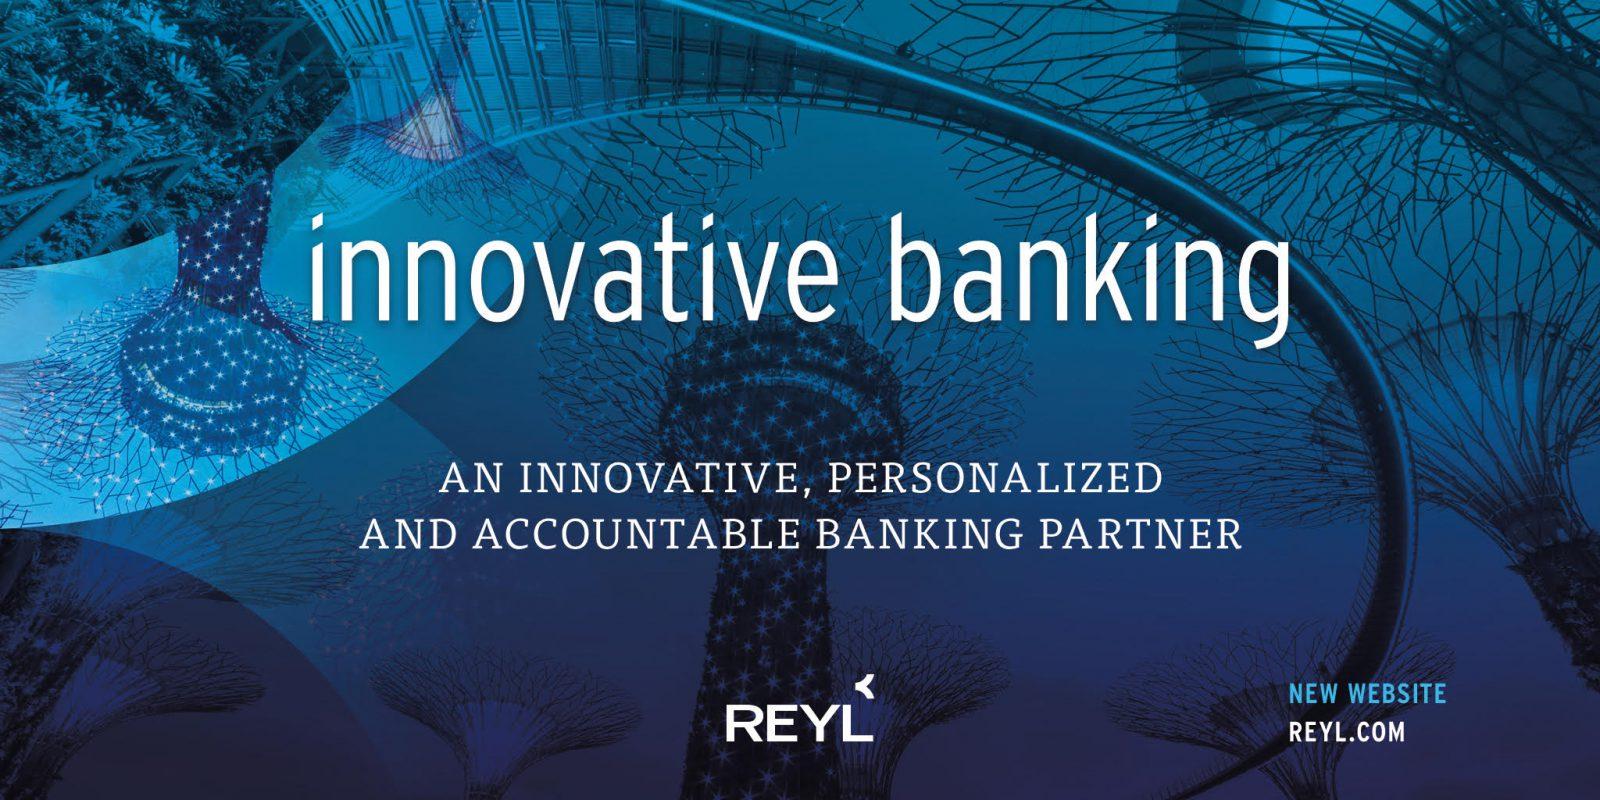 La banque REYL lance un nouveau site internet qui souligne son empreinte entrepreneuriale et internationale